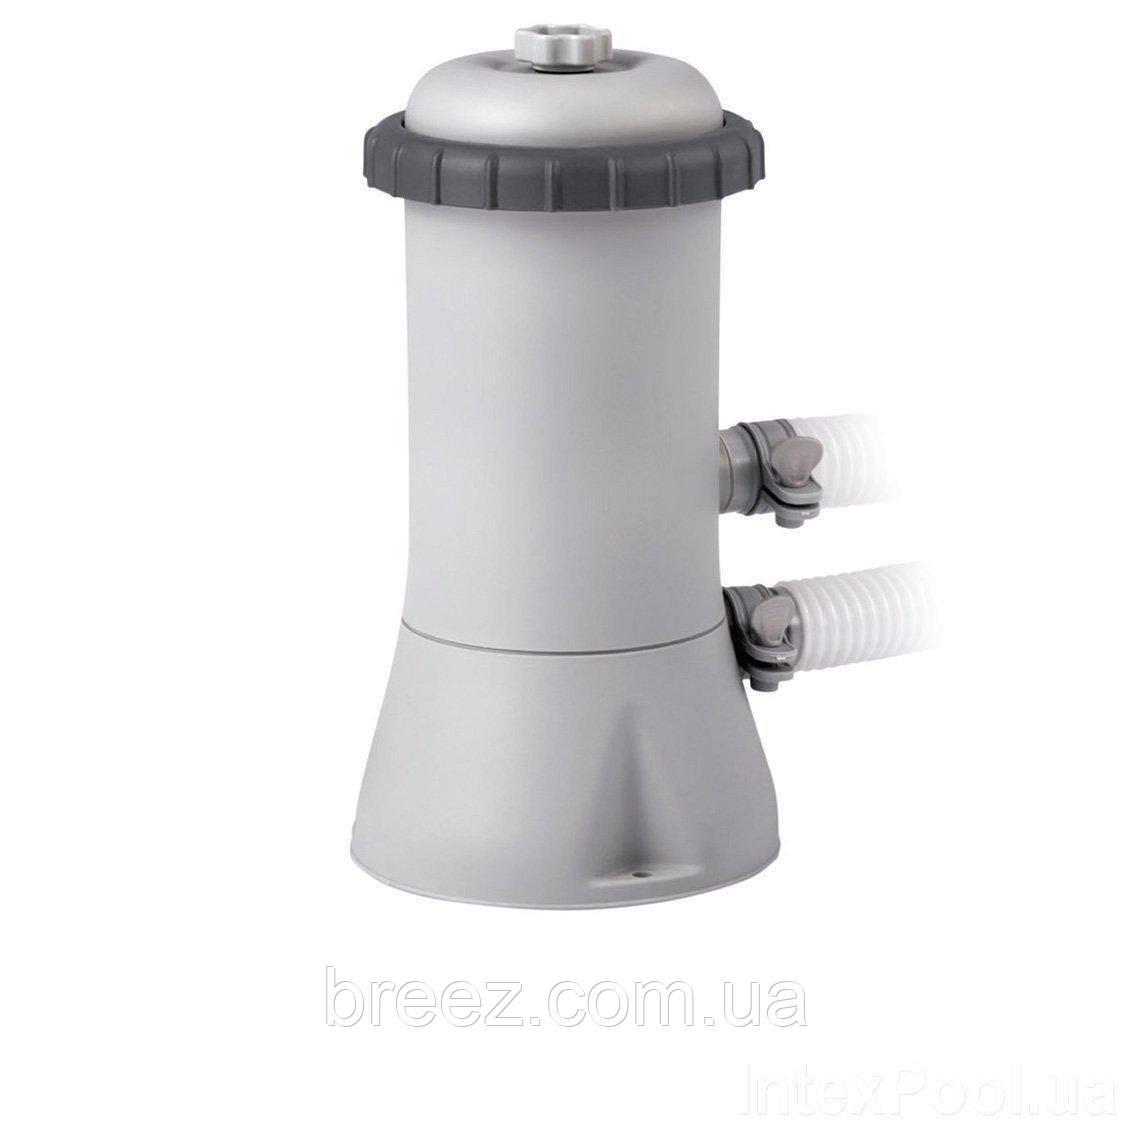 Картриджный фильтр насос Intex 28604 2006 л/ч тип А